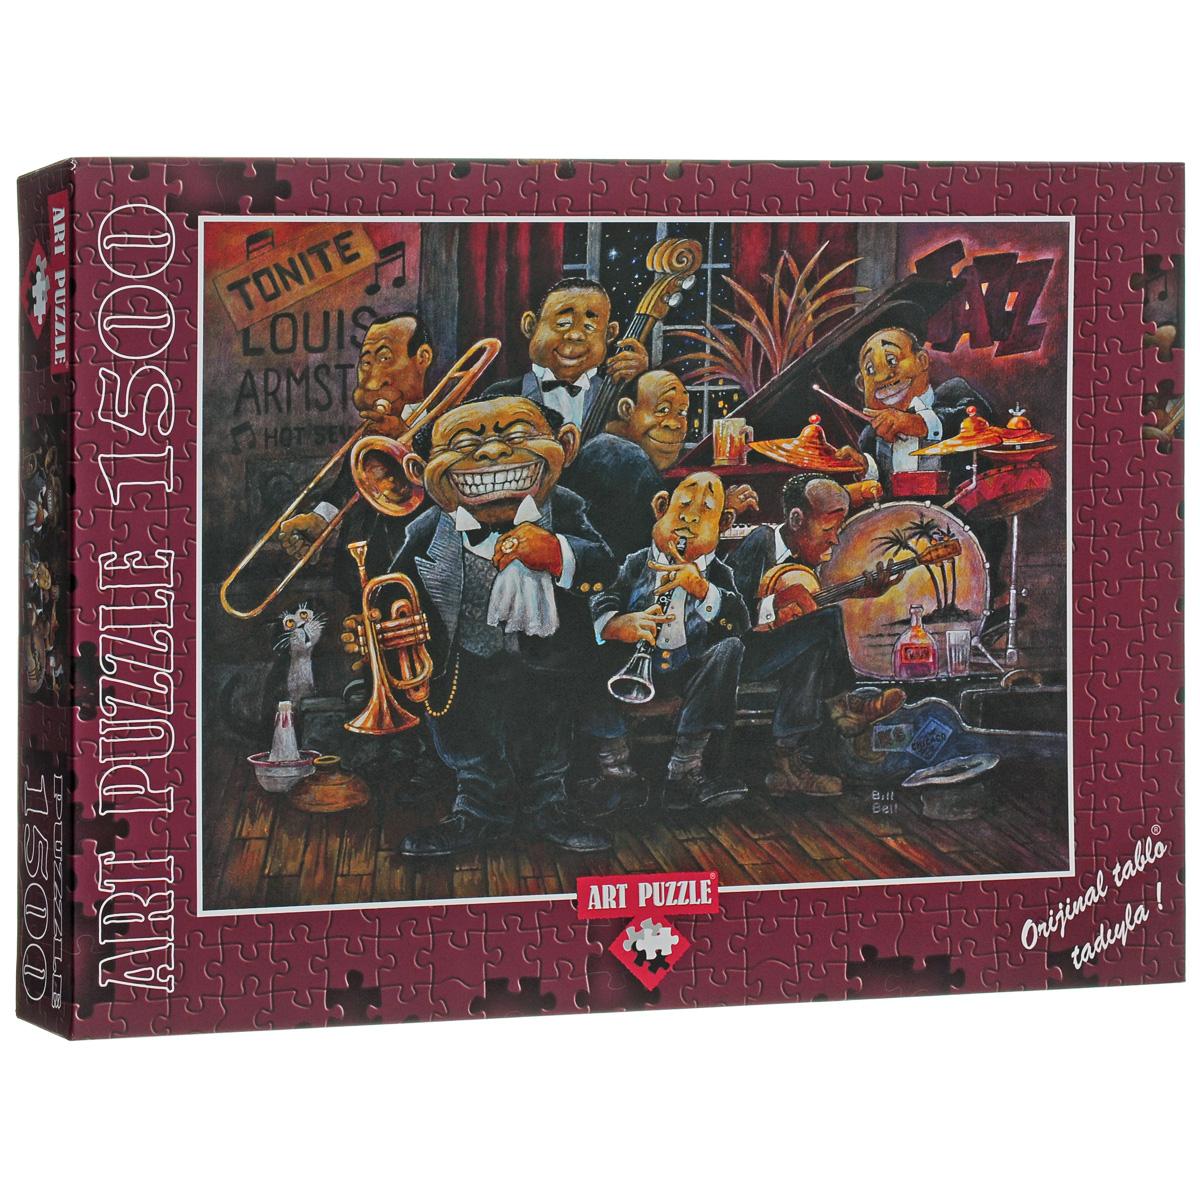 Б.Белл, Луи Армстронг с оркестром. 1500 элементов4607Пазл Б.Белл, Луи Армстронг с оркестром непременно придется вам по душе. Собрав этот пазл, включающий в себя 1500 элементов, вы получите великолепную картину художника Билла Белла с забавным карикатурным изображением знаменитого музыканта Луи Армстронга и джазового оркестра. Такая картина станет достойным украшением любого интерьера. Каждая деталь имеет свою форму и подходит только на своё место. Нет двух одинаковых деталей! Пазл изготовлен из картона высочайшего качества. Пазл - великолепная игра для семейного досуга. Сегодня собирание пазлов стало особенно популярным, главным образом, благодаря своей многообразной тематике, способной удовлетворить самый взыскательный вкус. А для детей это не только интересно, но и полезно. Собирание пазла развивает мелкую моторику у ребенка, тренирует наблюдательность, логическое мышление, знакомит с окружающим миром, с цветом и разнообразными формами.